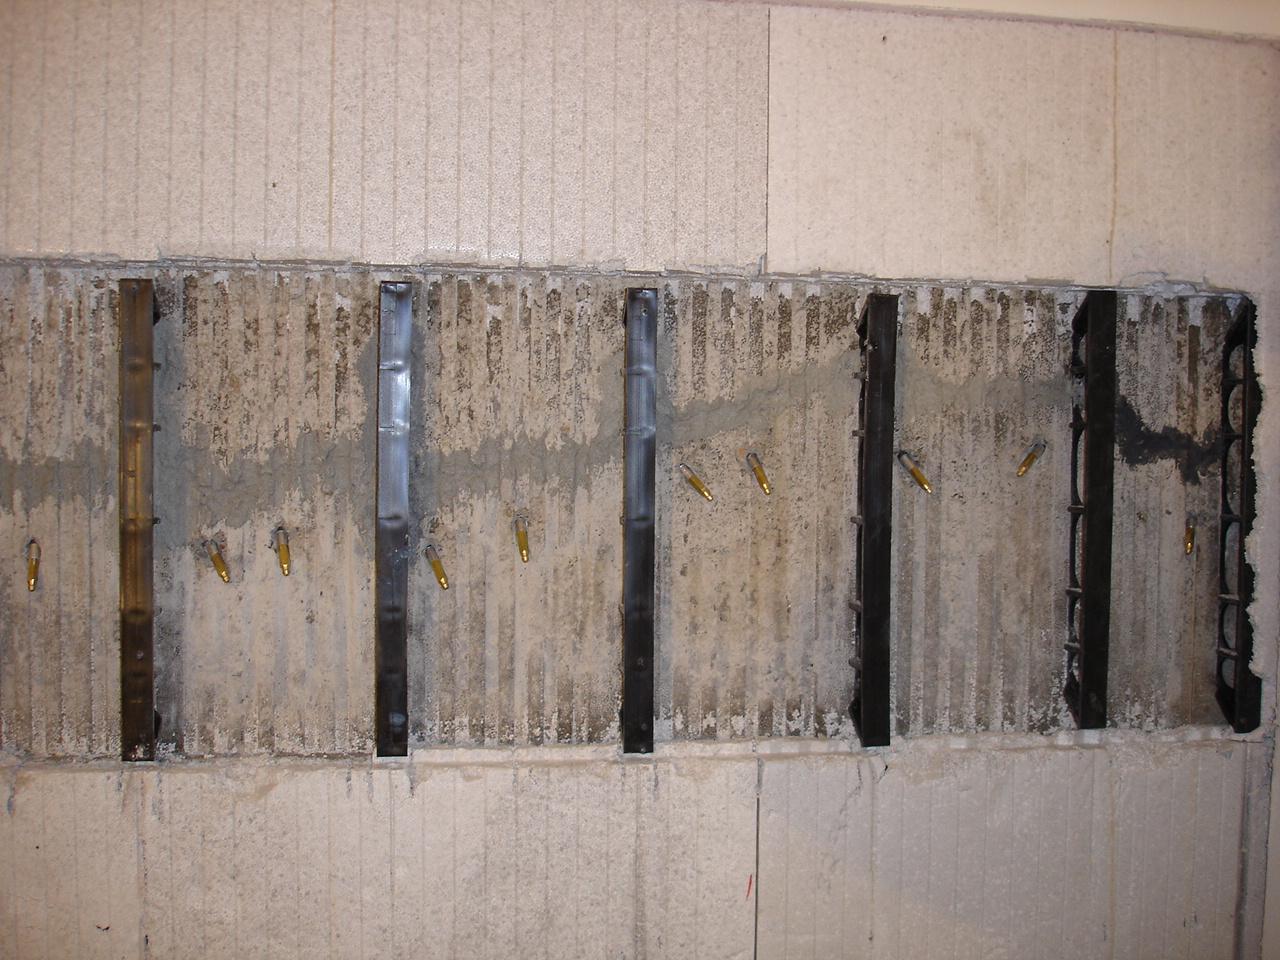 foundation crack repair sealing